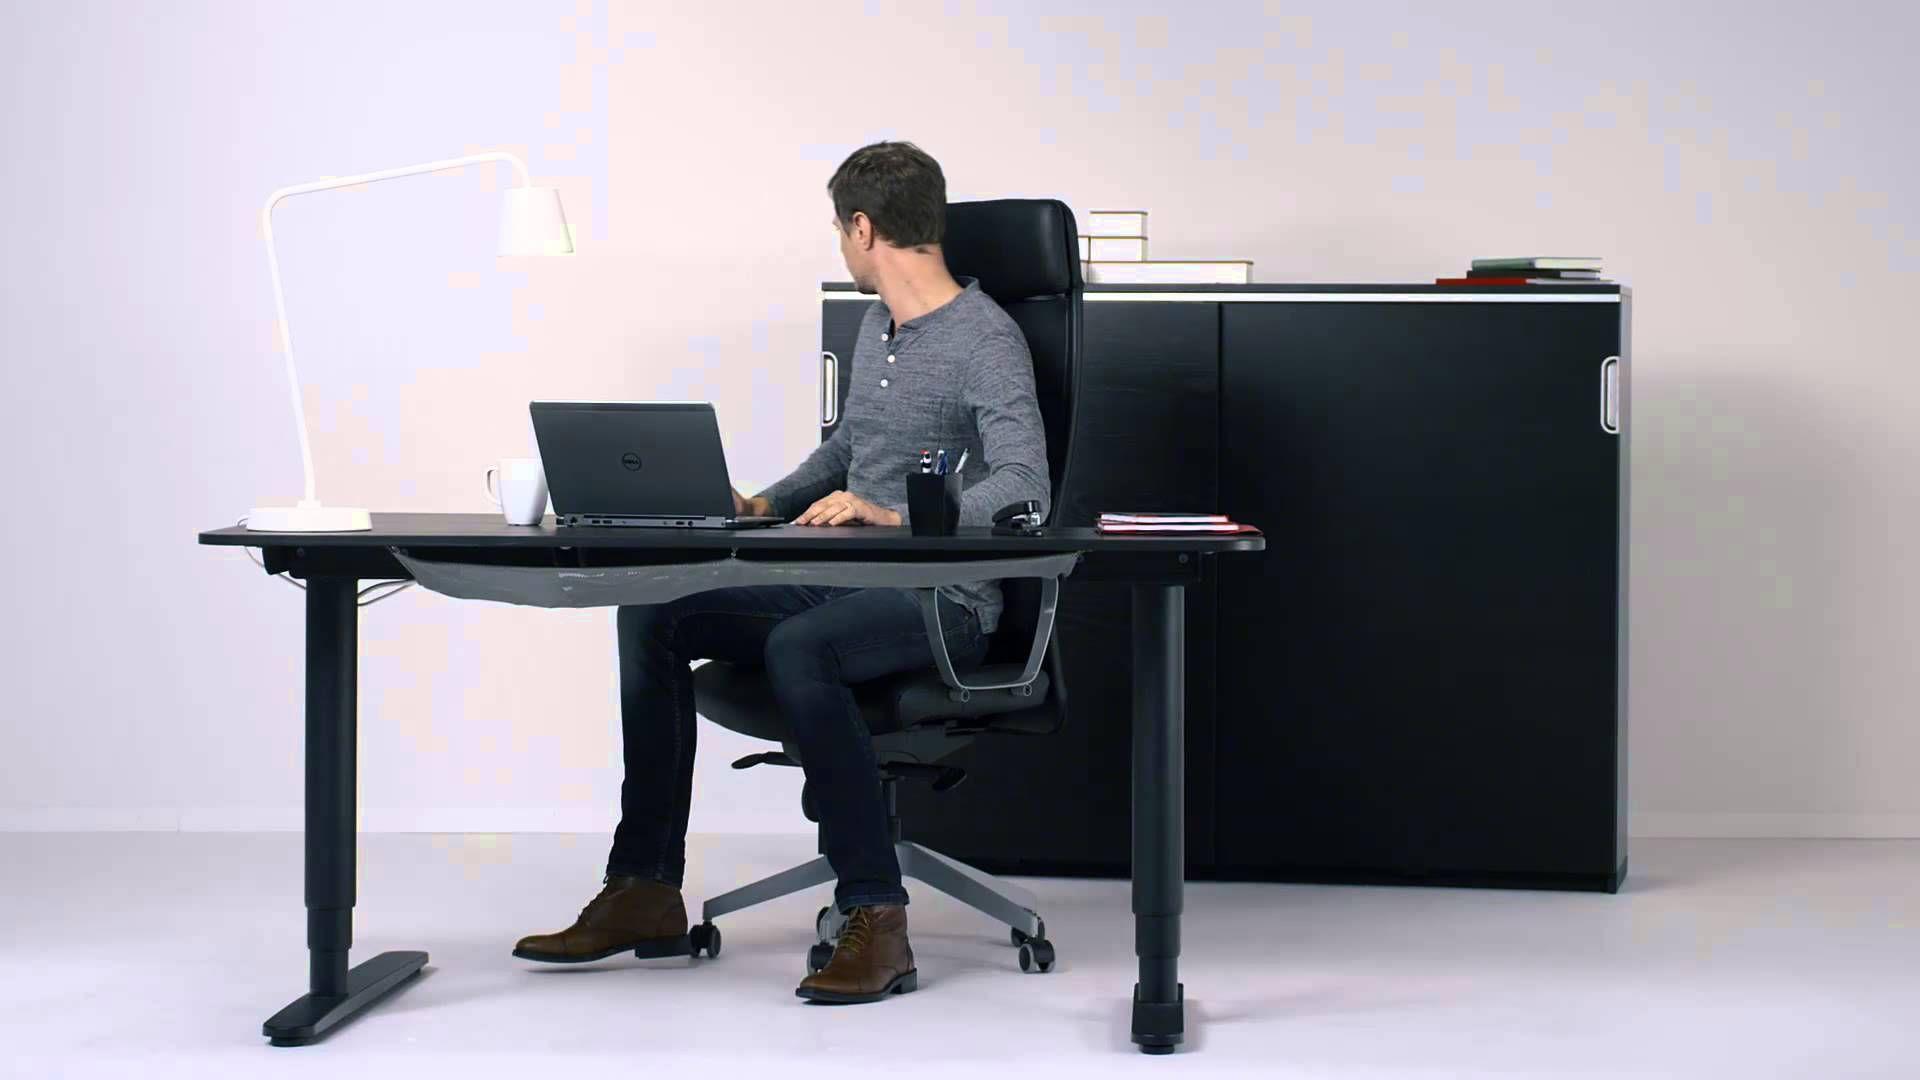 Ikea bureau bekant structure assis debout vivre ici